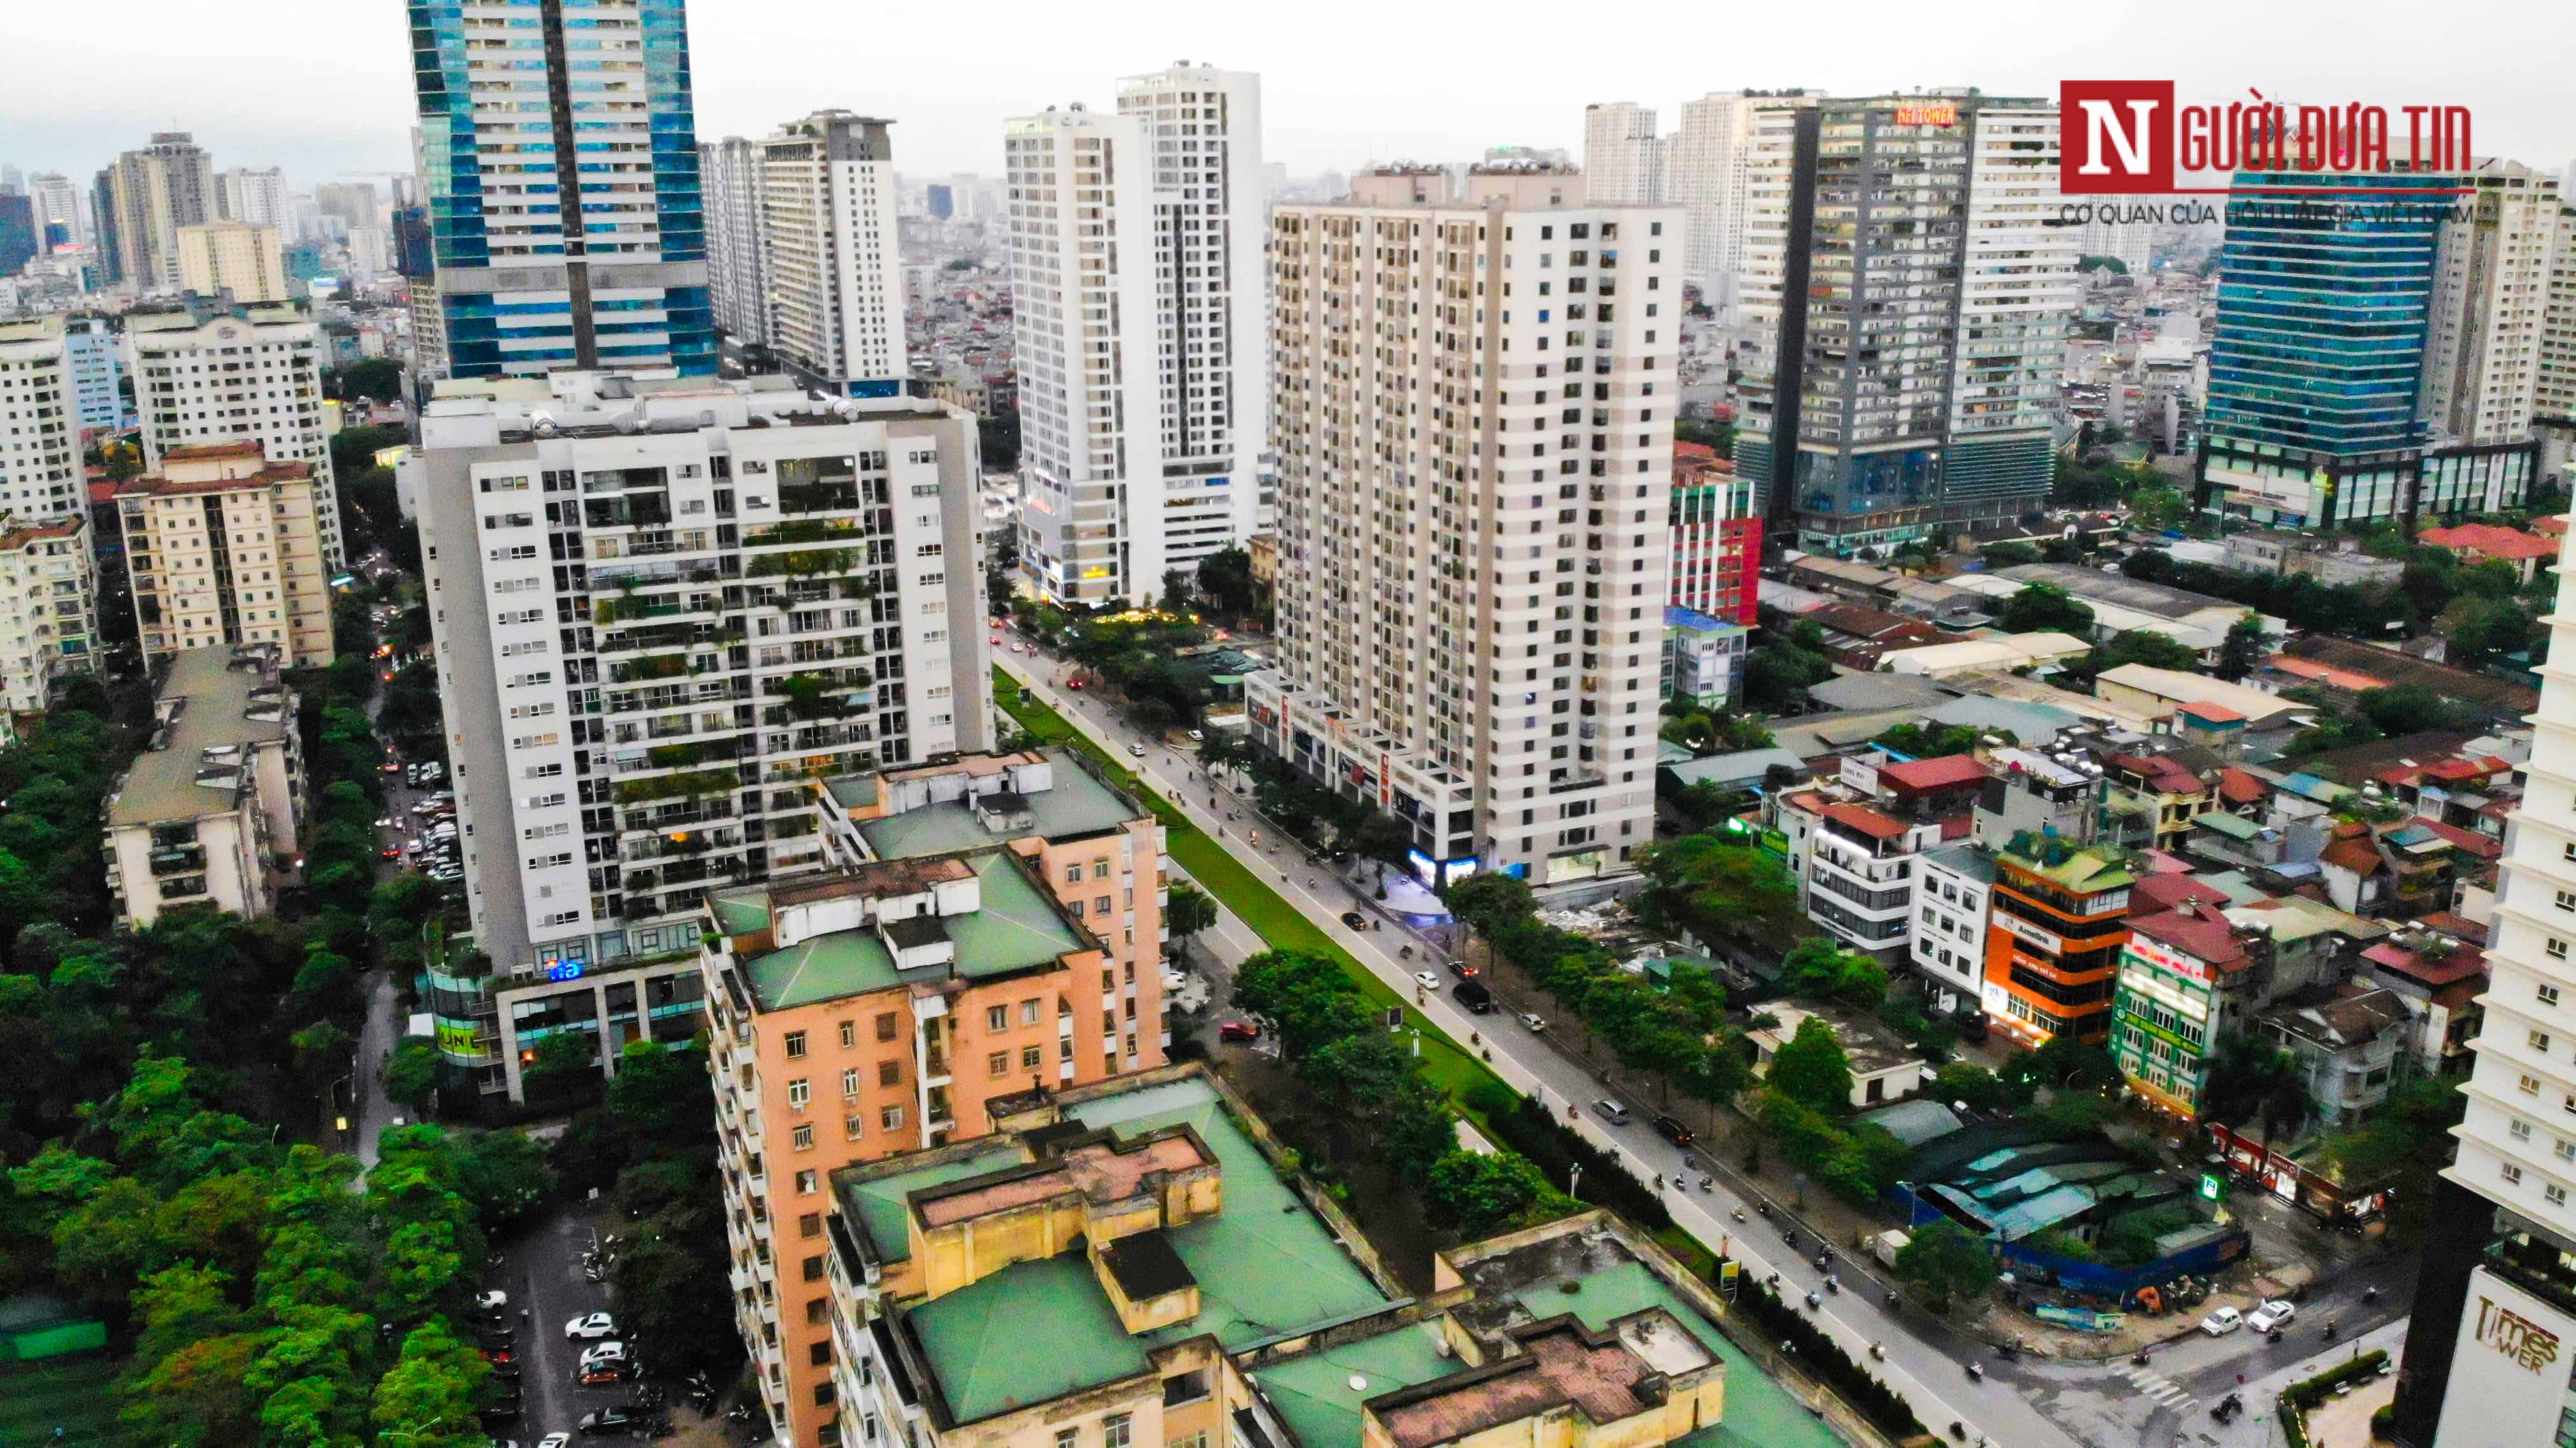 Bất động sản - Cận cảnh tuyến đường dài 2km cõng tới 40 toà nhà cao ốc tại Thủ đô (Hình 9).